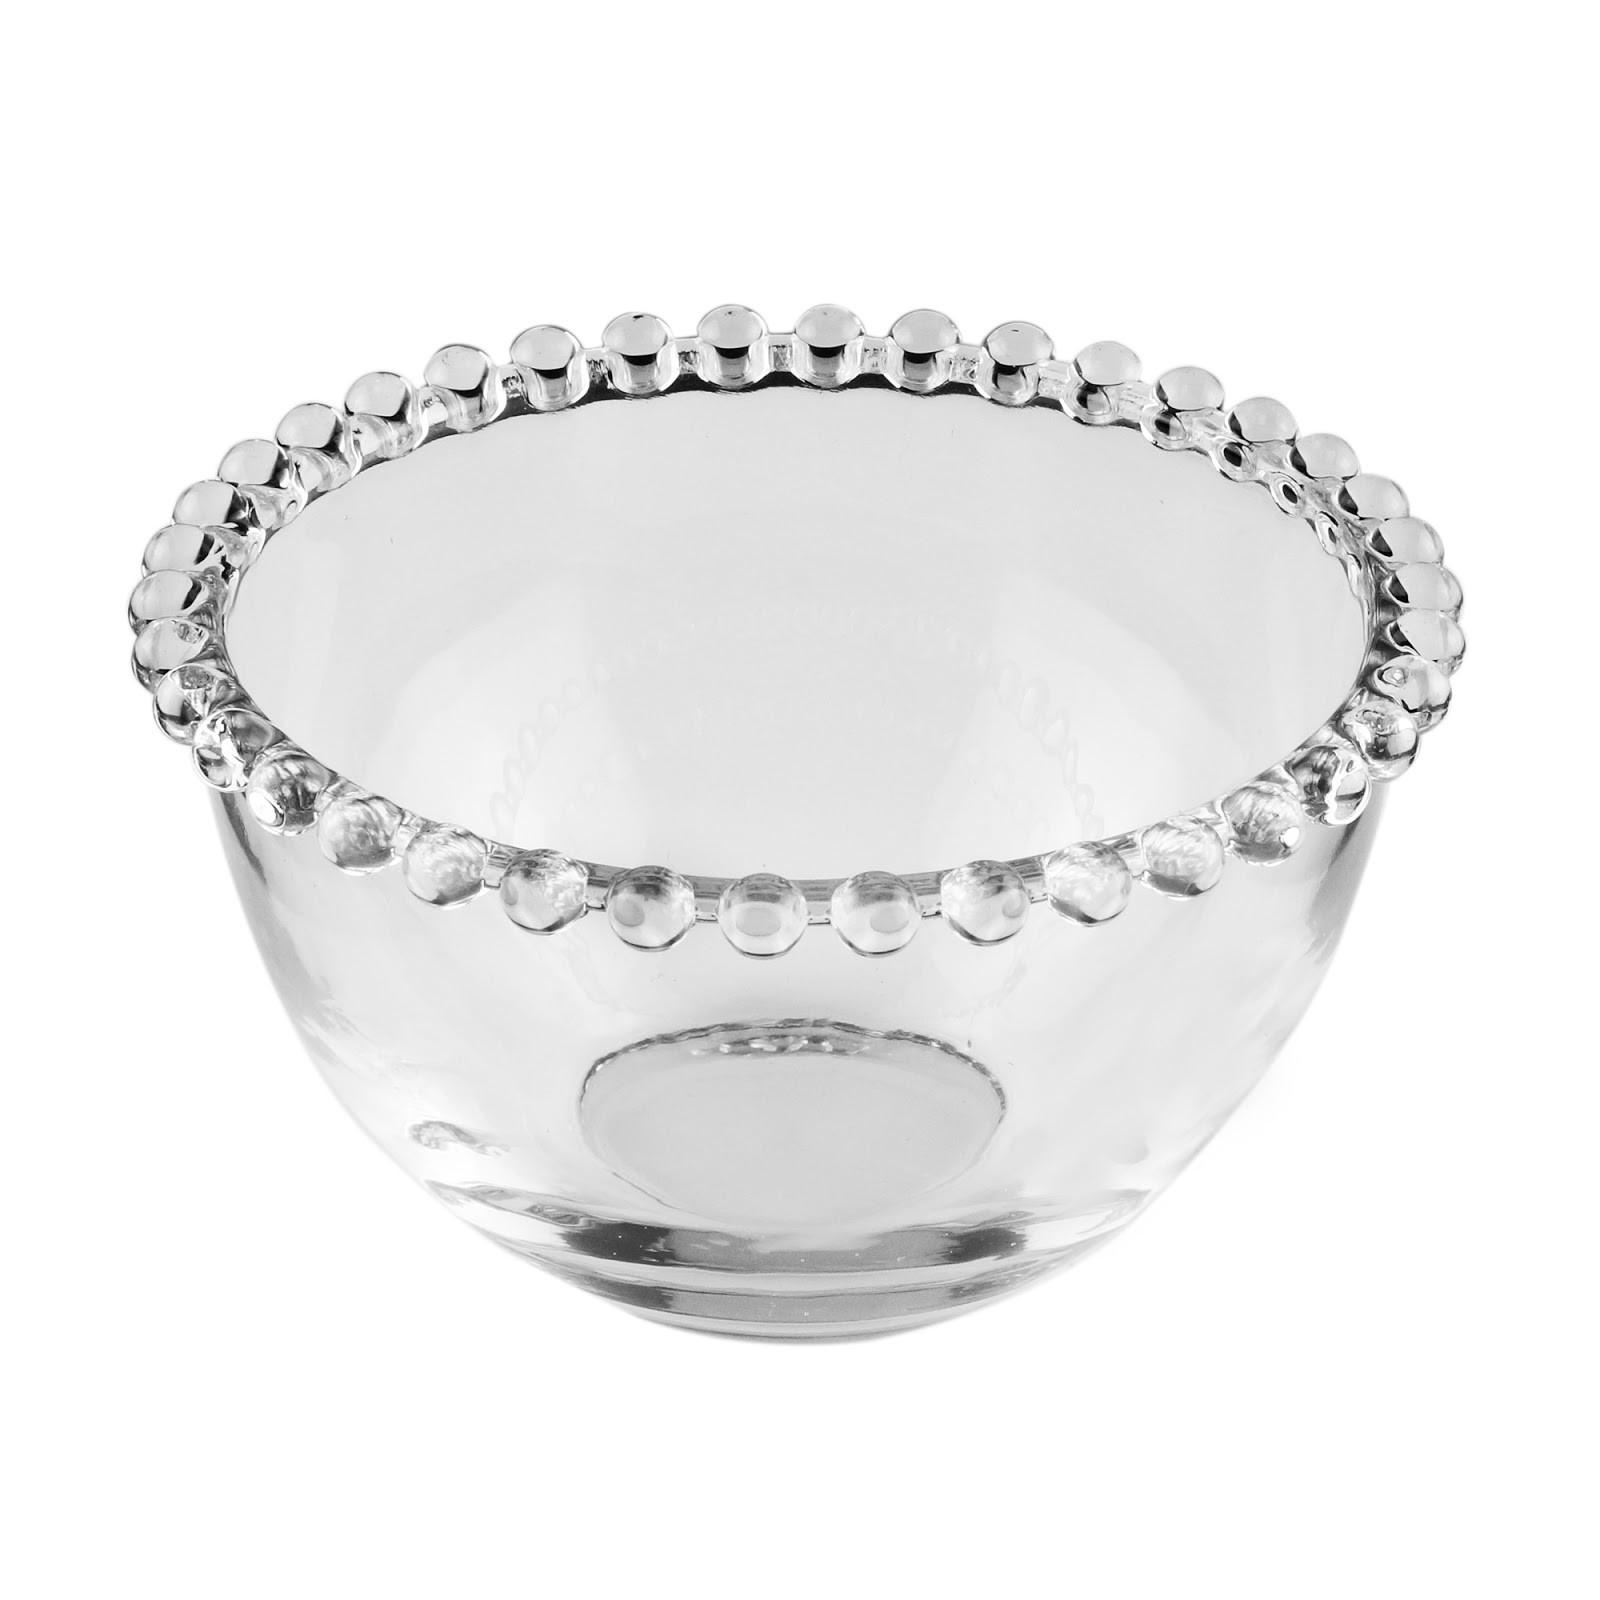 Bowl de Cristal de Chumbo Pearl